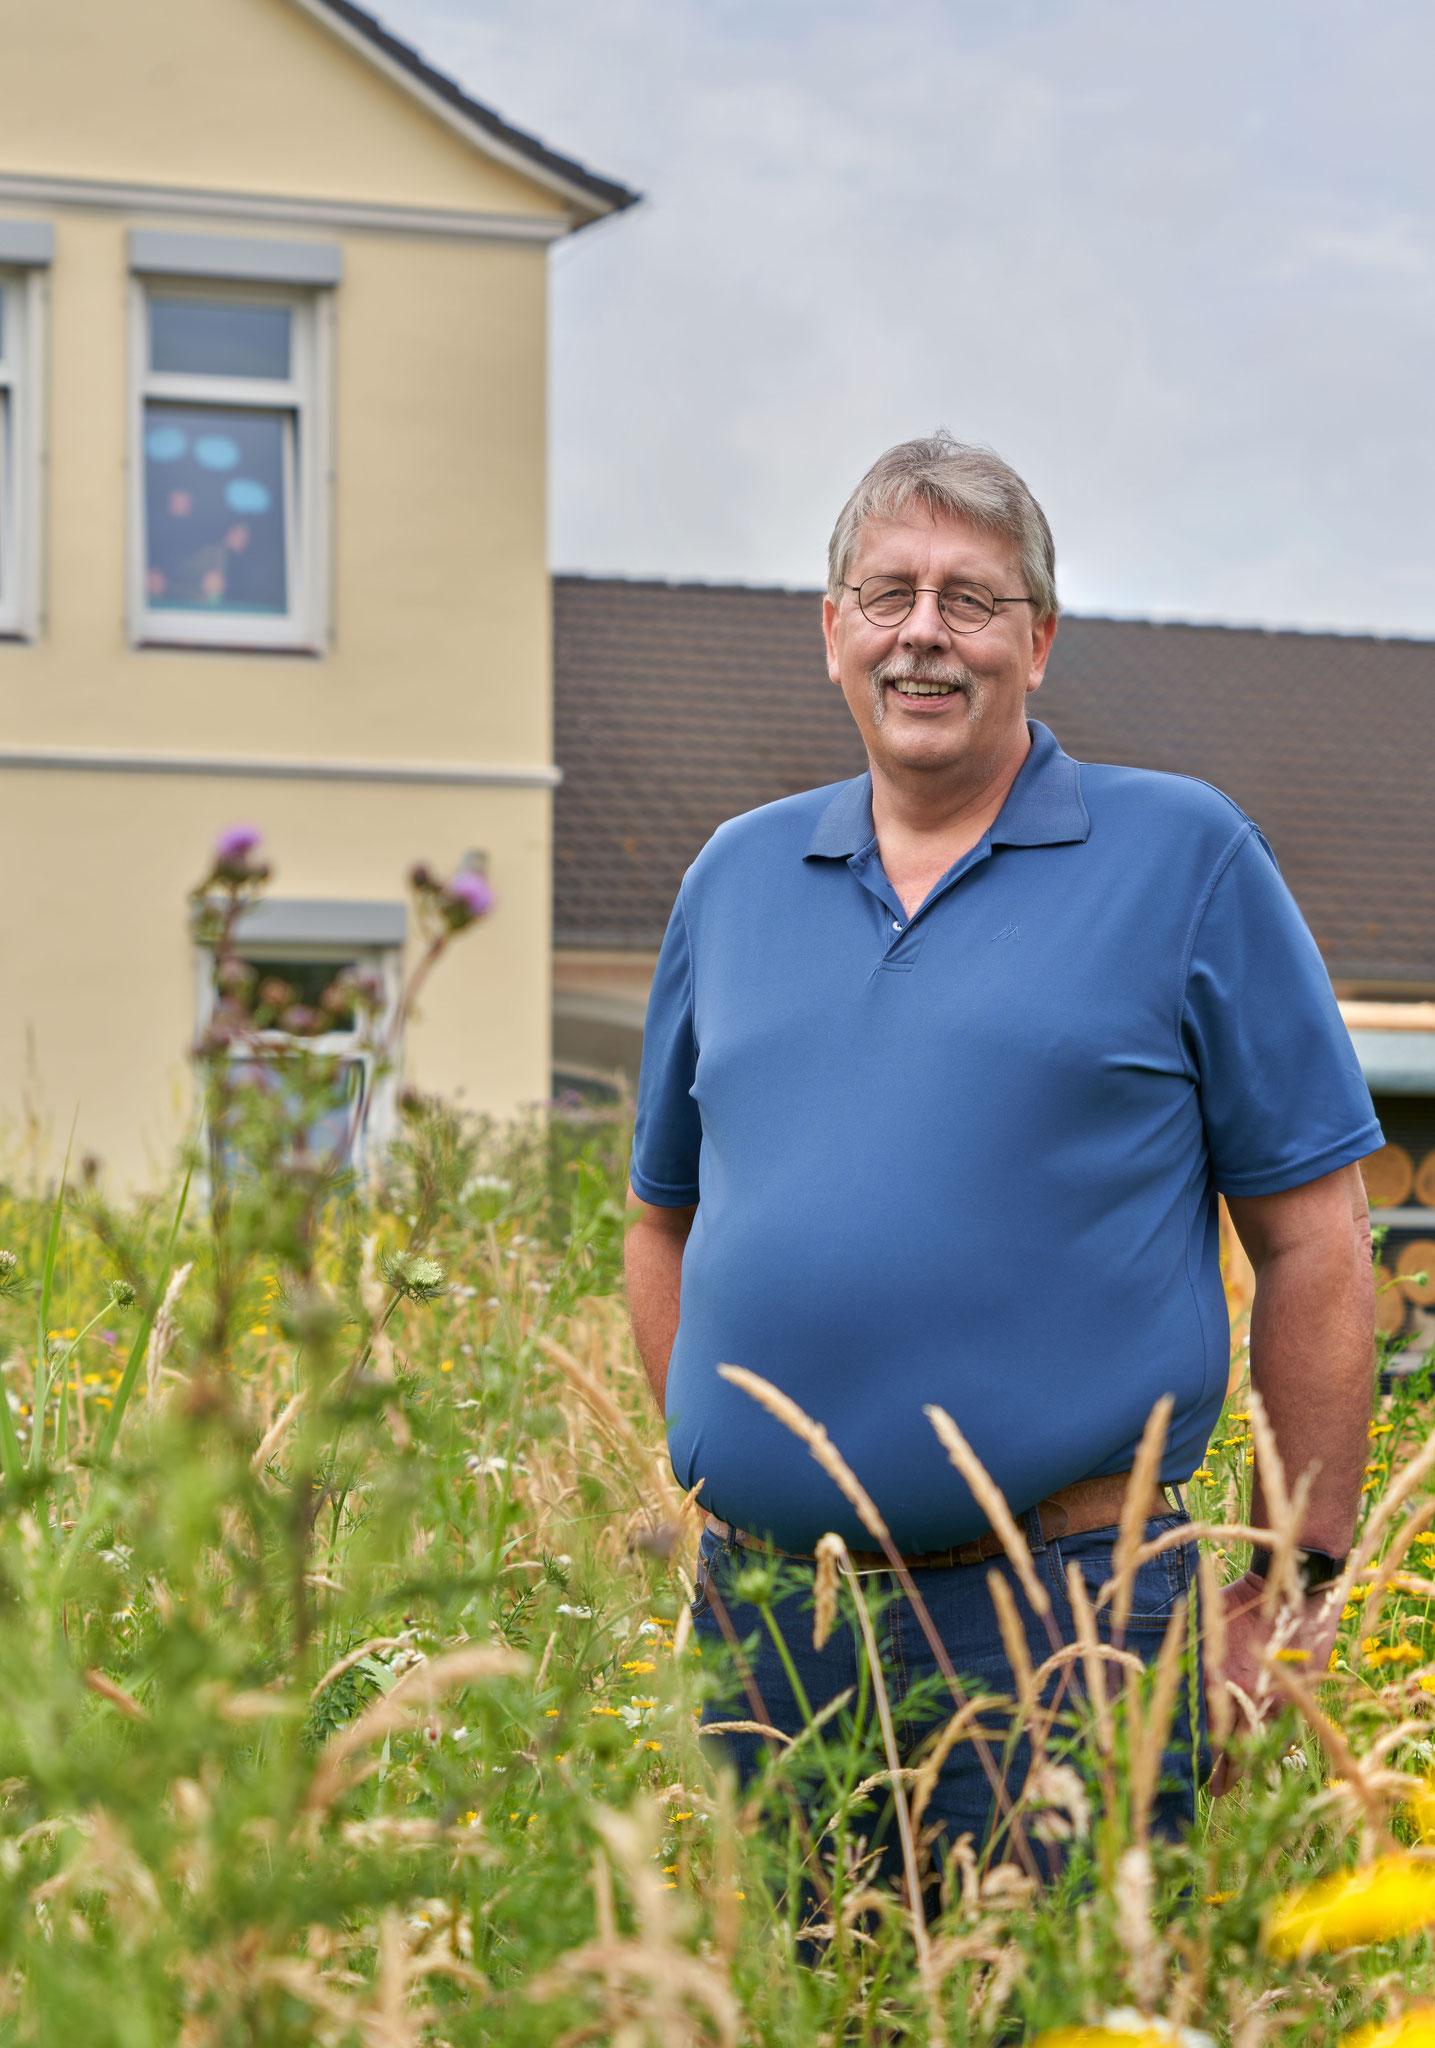 Hartmut Backhaus - Altenpfleger und Hobbyimker, Mitglied im Kreisvorstand des BUND